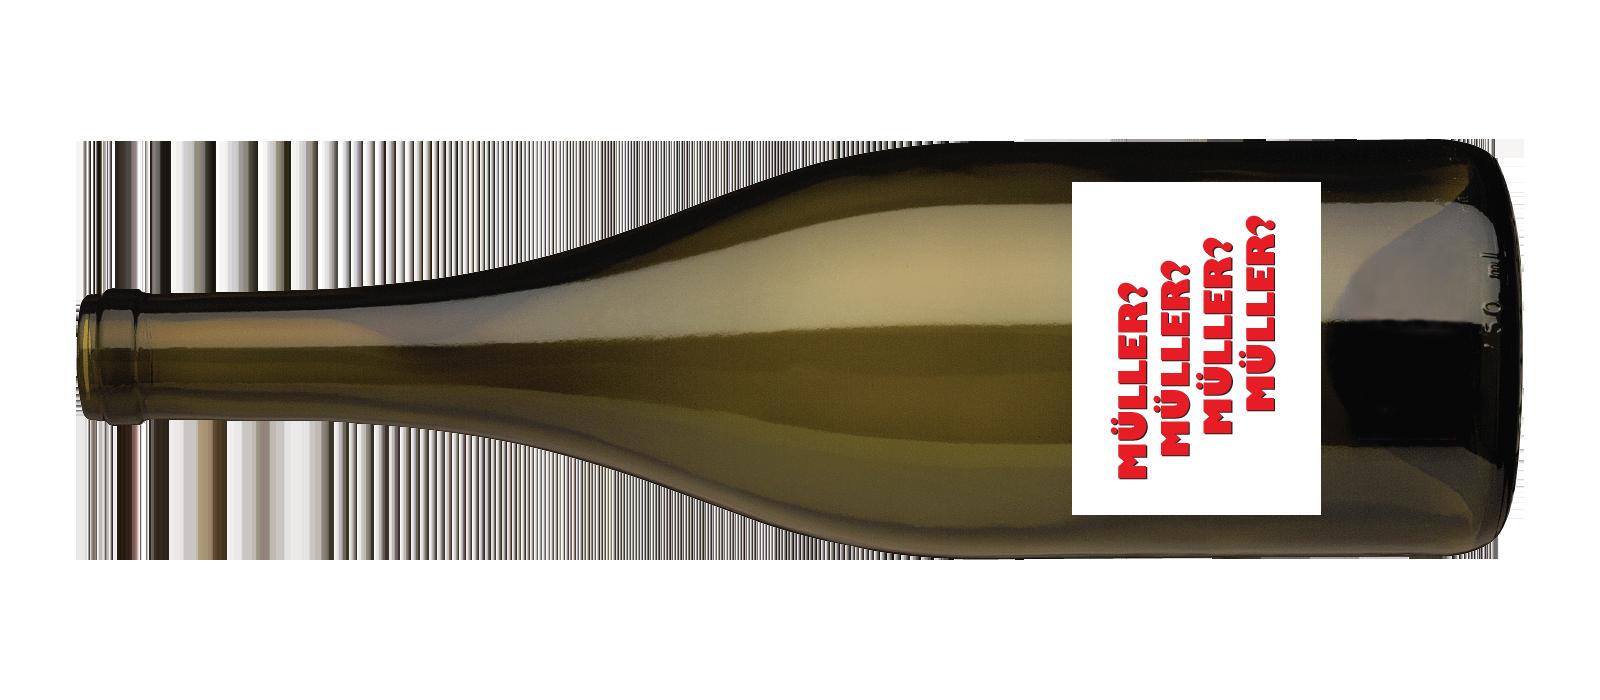 2018 Müller? Müller? Müller? Müller?    100% Muller Thurgau Orange Wine